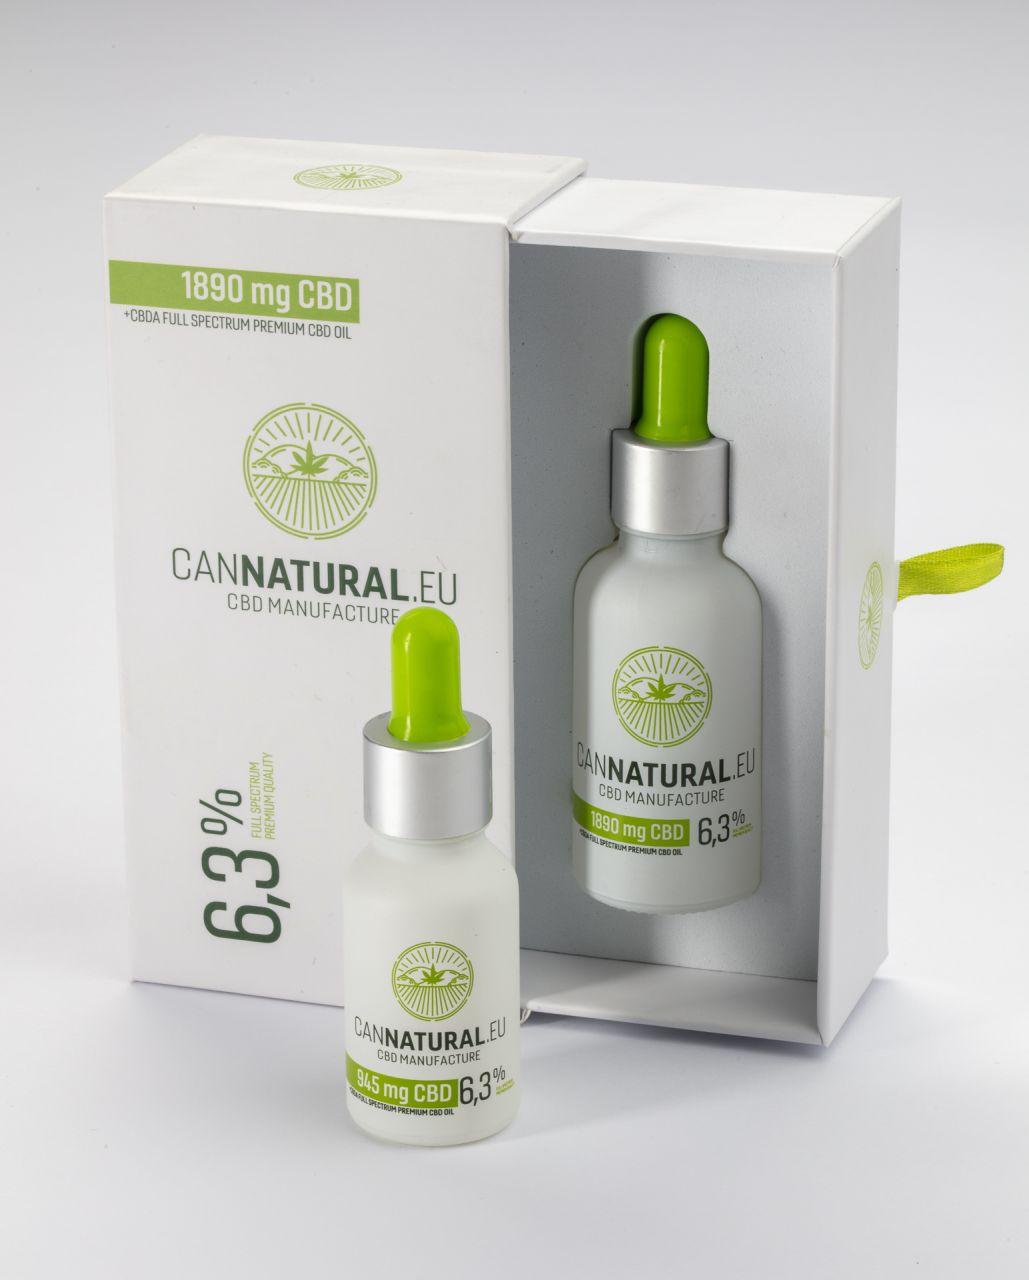 Cannatural CBD olaj 6,3% fullspectrum,(1890 mg) -30ml